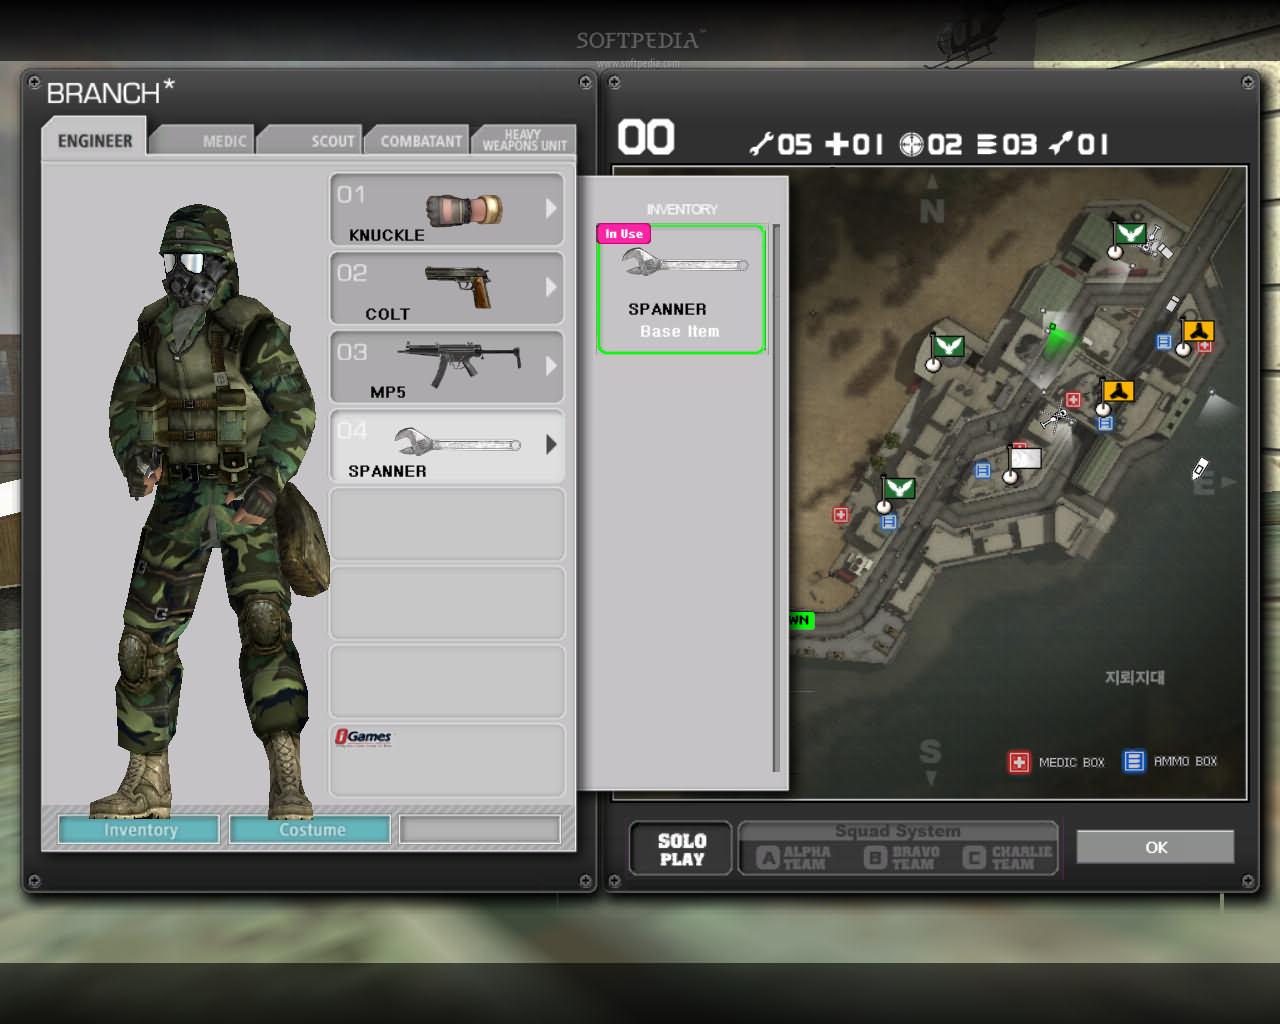 warrock-screenshot1.jpg